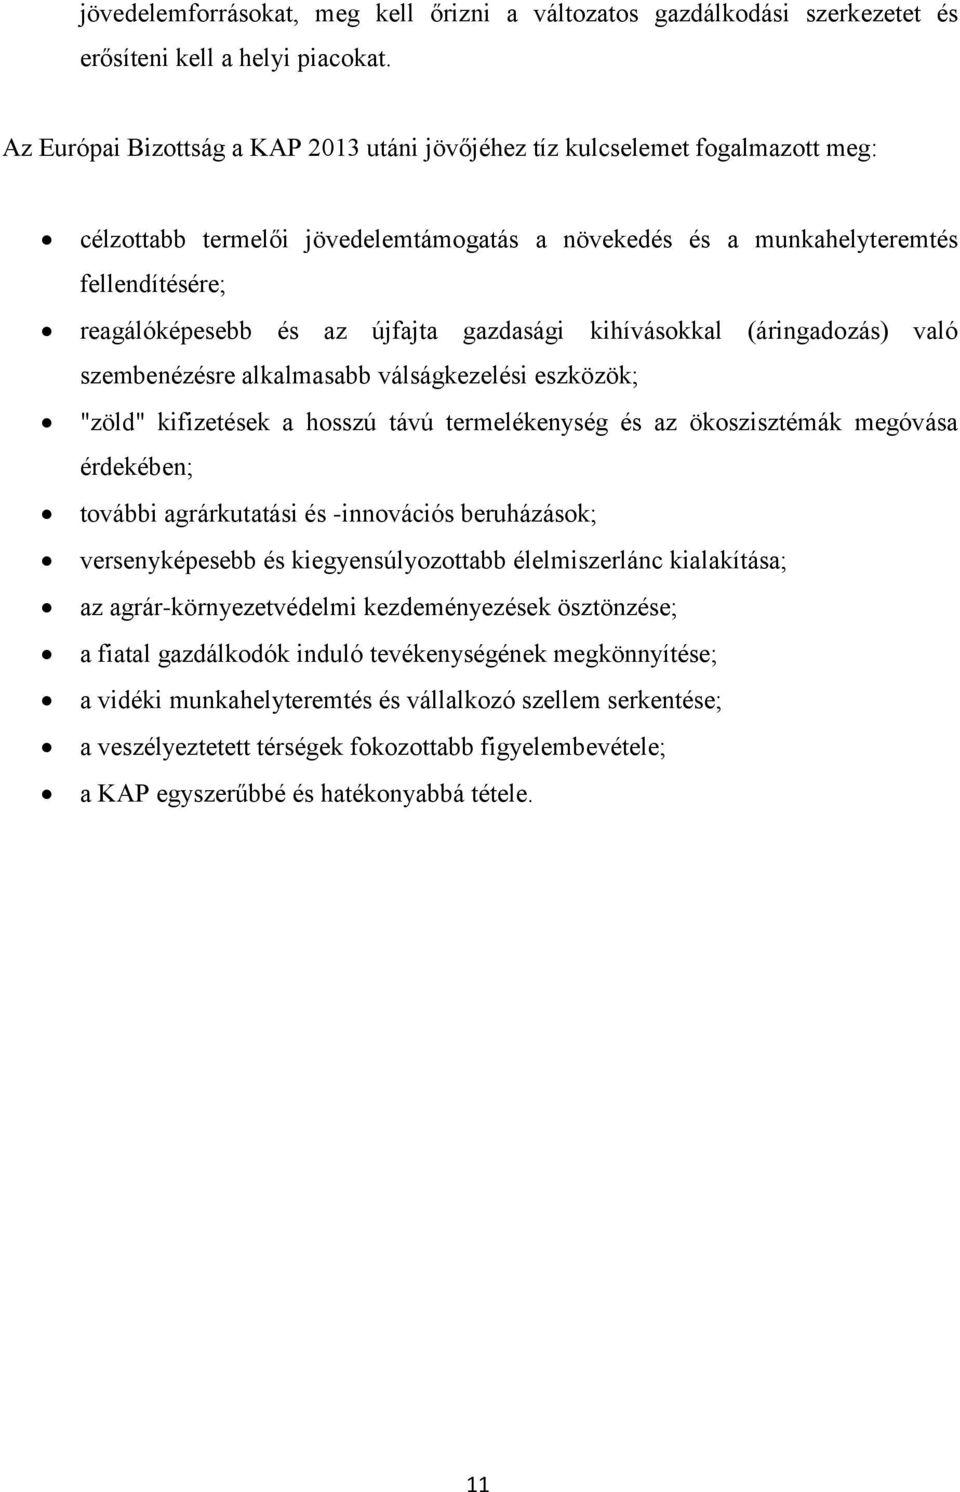 ASCII auf Deutsch, Übersetzung, Ungarisch-Deutsch Wörterbuch